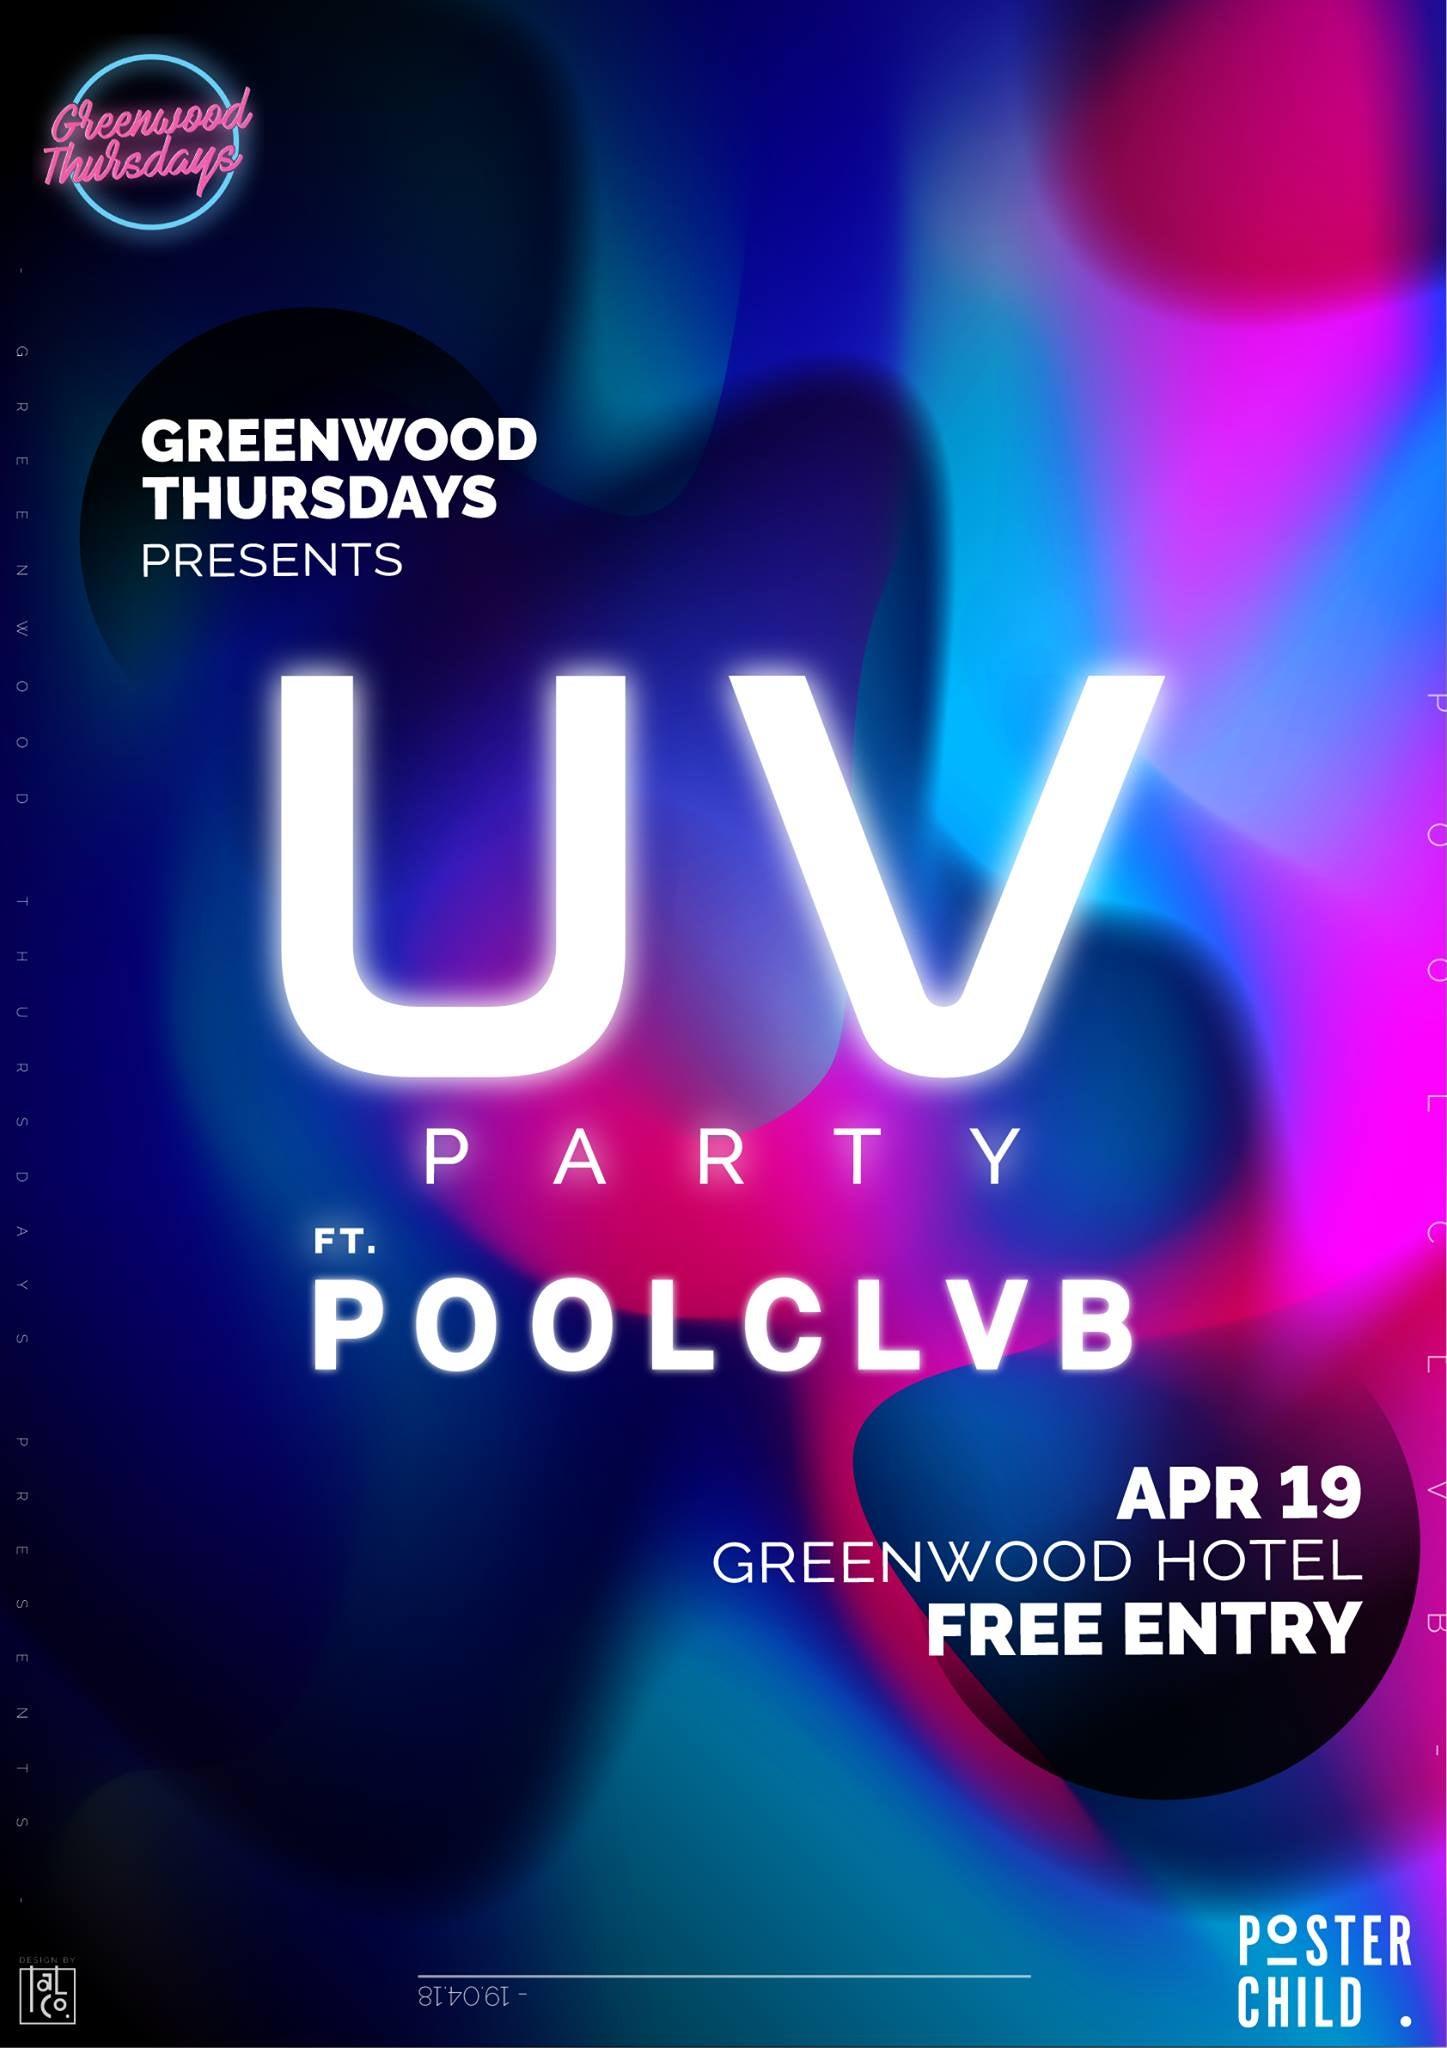 UV Party ft Poolclvb